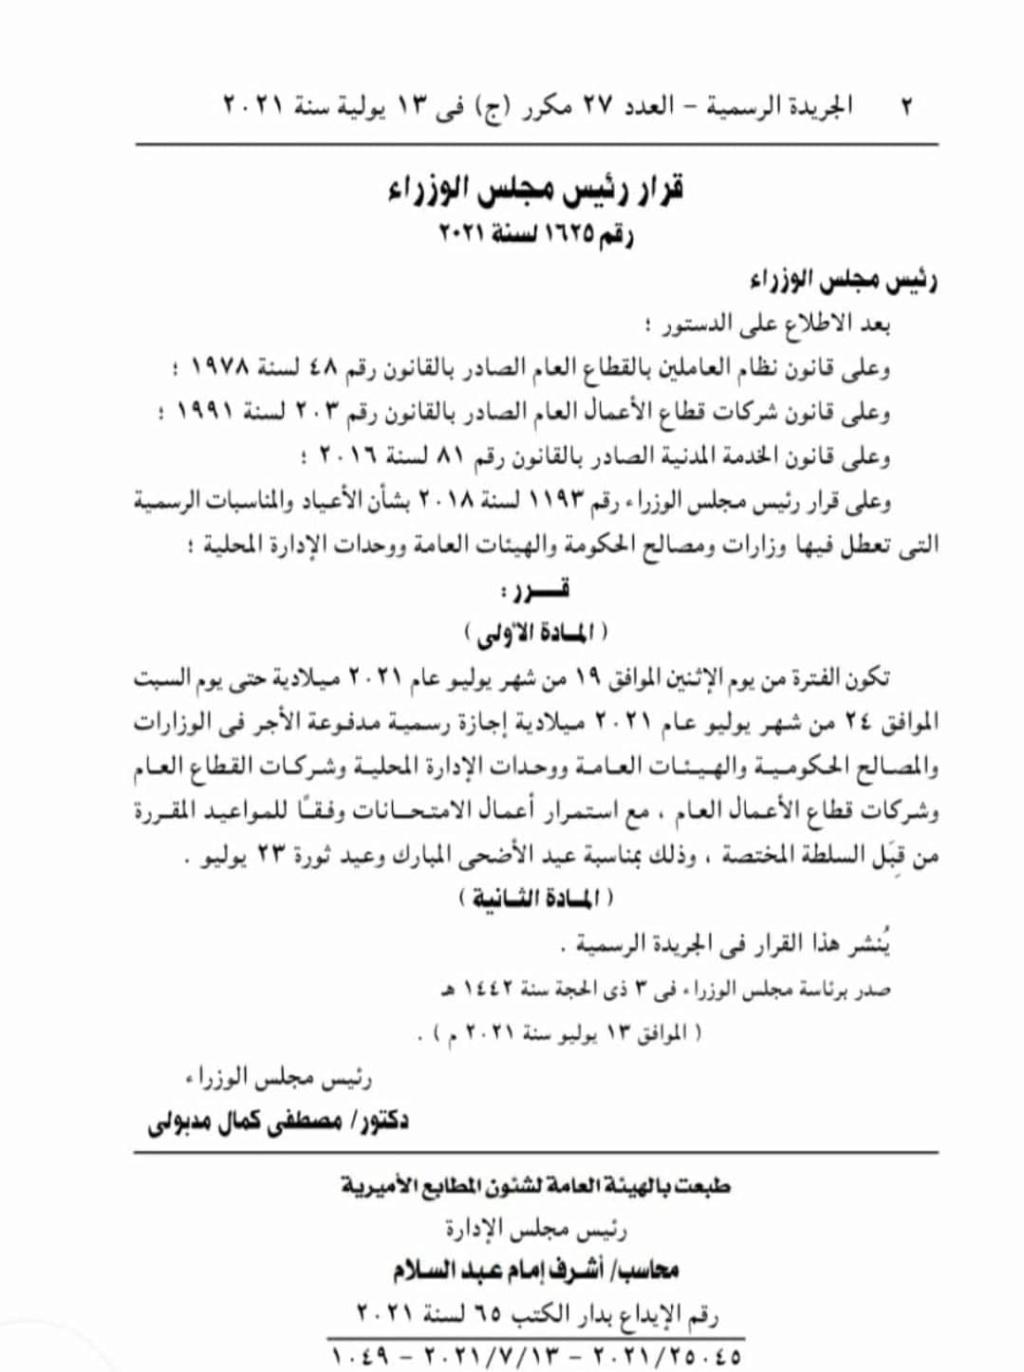 قرار رئيس الوزراء بإجازة عيد الاضحي المبارك | مستند 13853